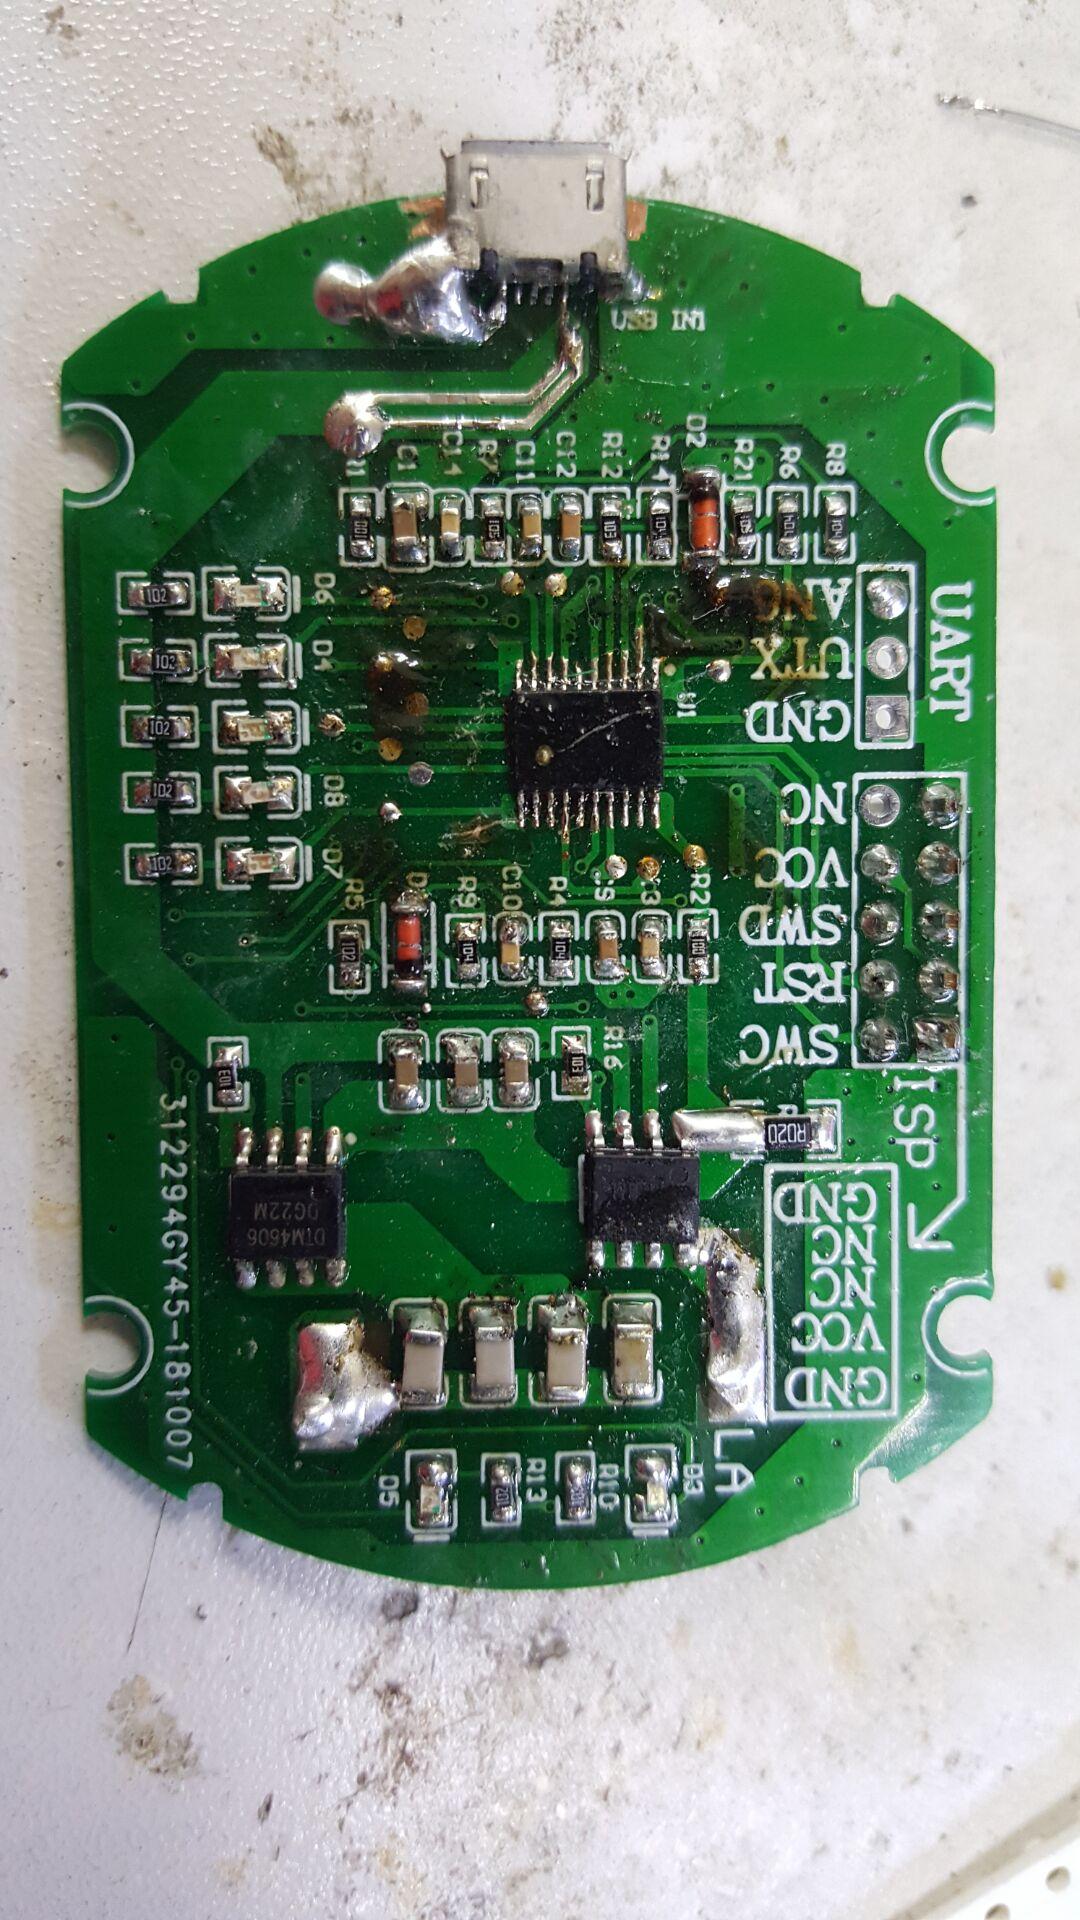 焊好PCB图片.jpg